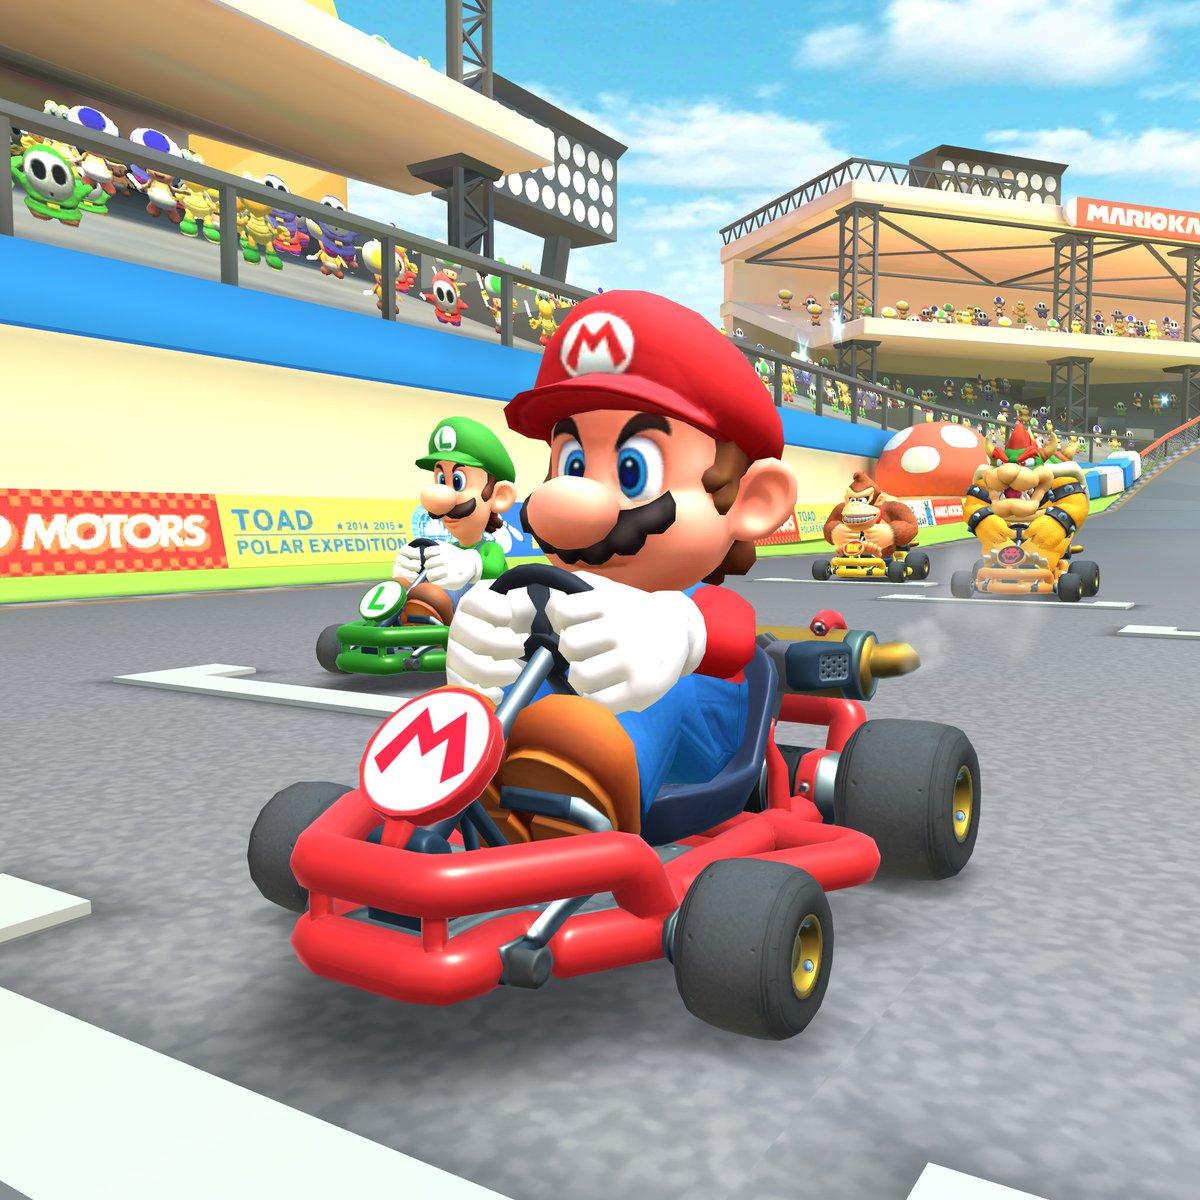 Mario Kart Tour On Twitter Mario Kart Tour Is For Everyone